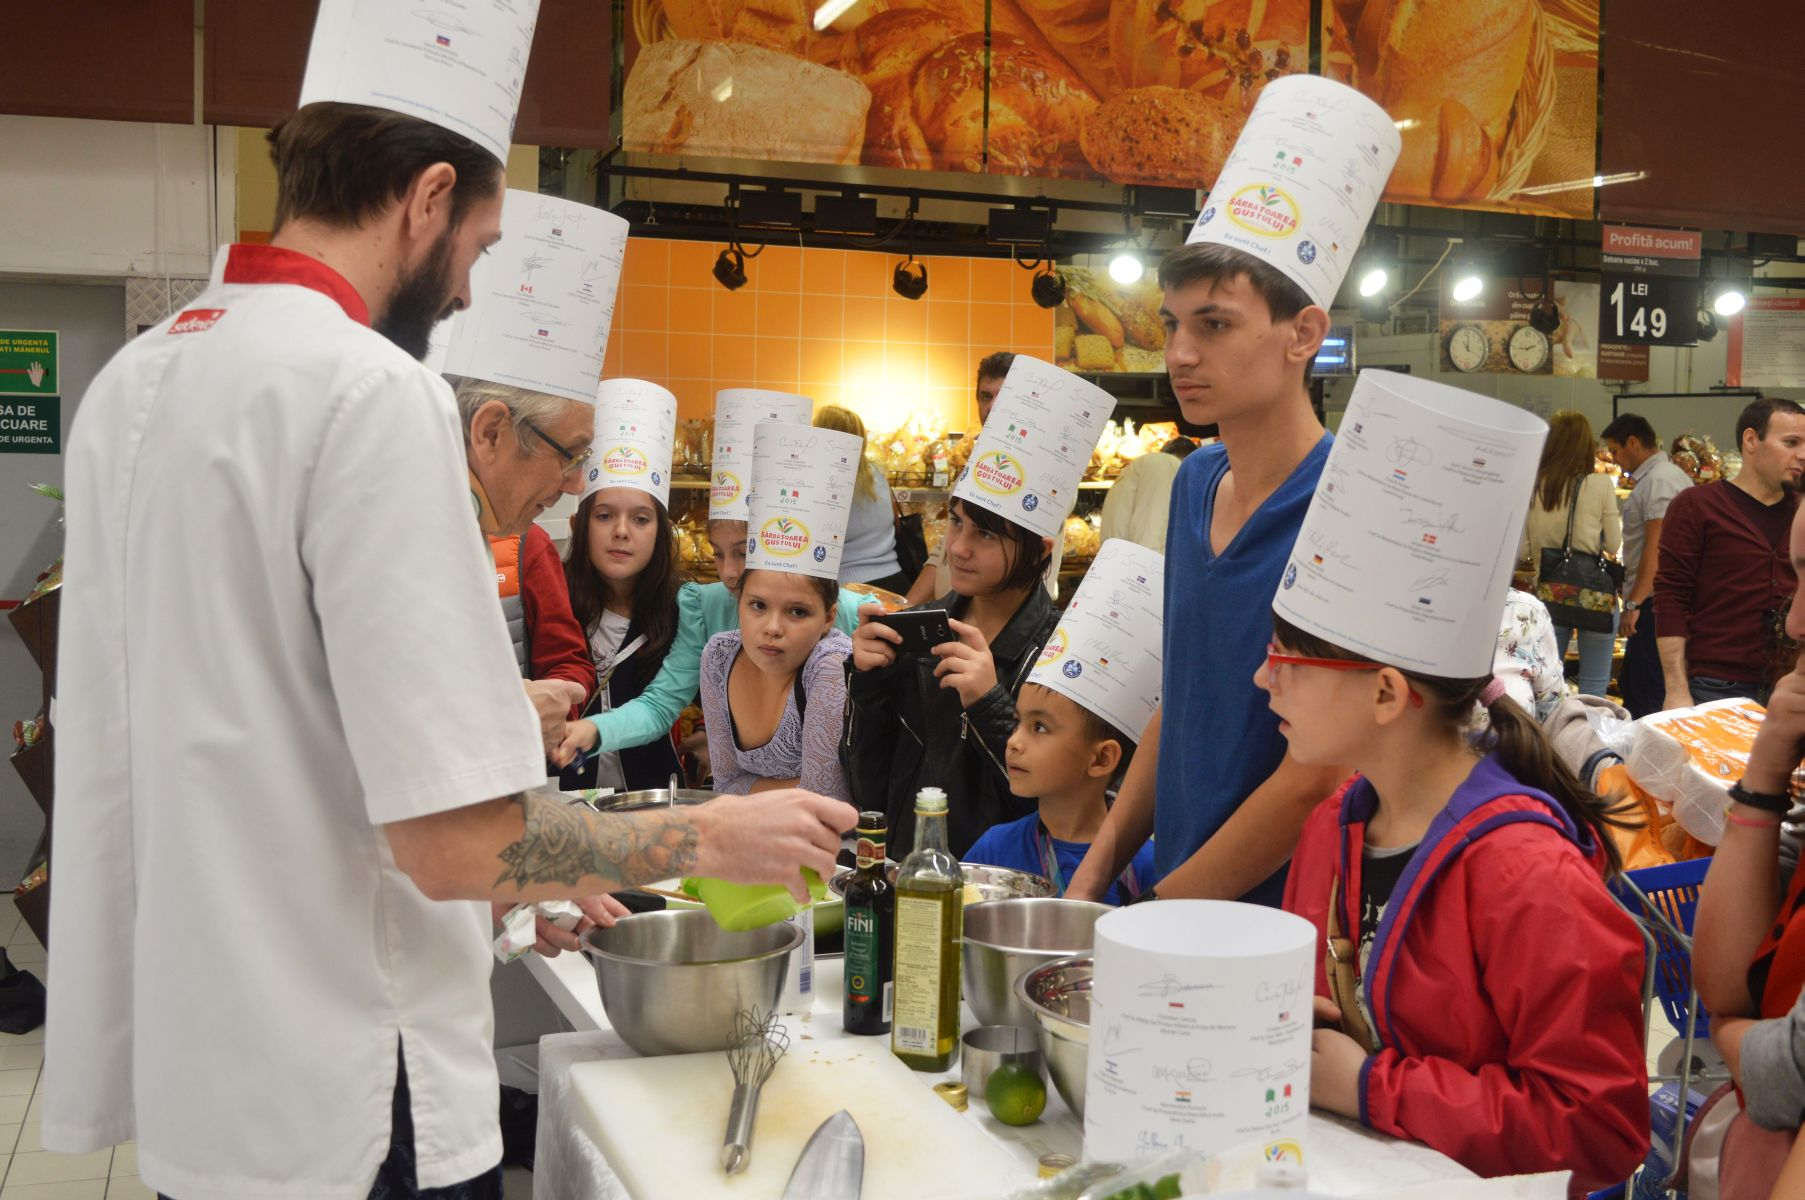 Atelier_Culinar_Sarbatoarea_Gustului_Carrefour_Atelier_educational_Sara_Alexander_29